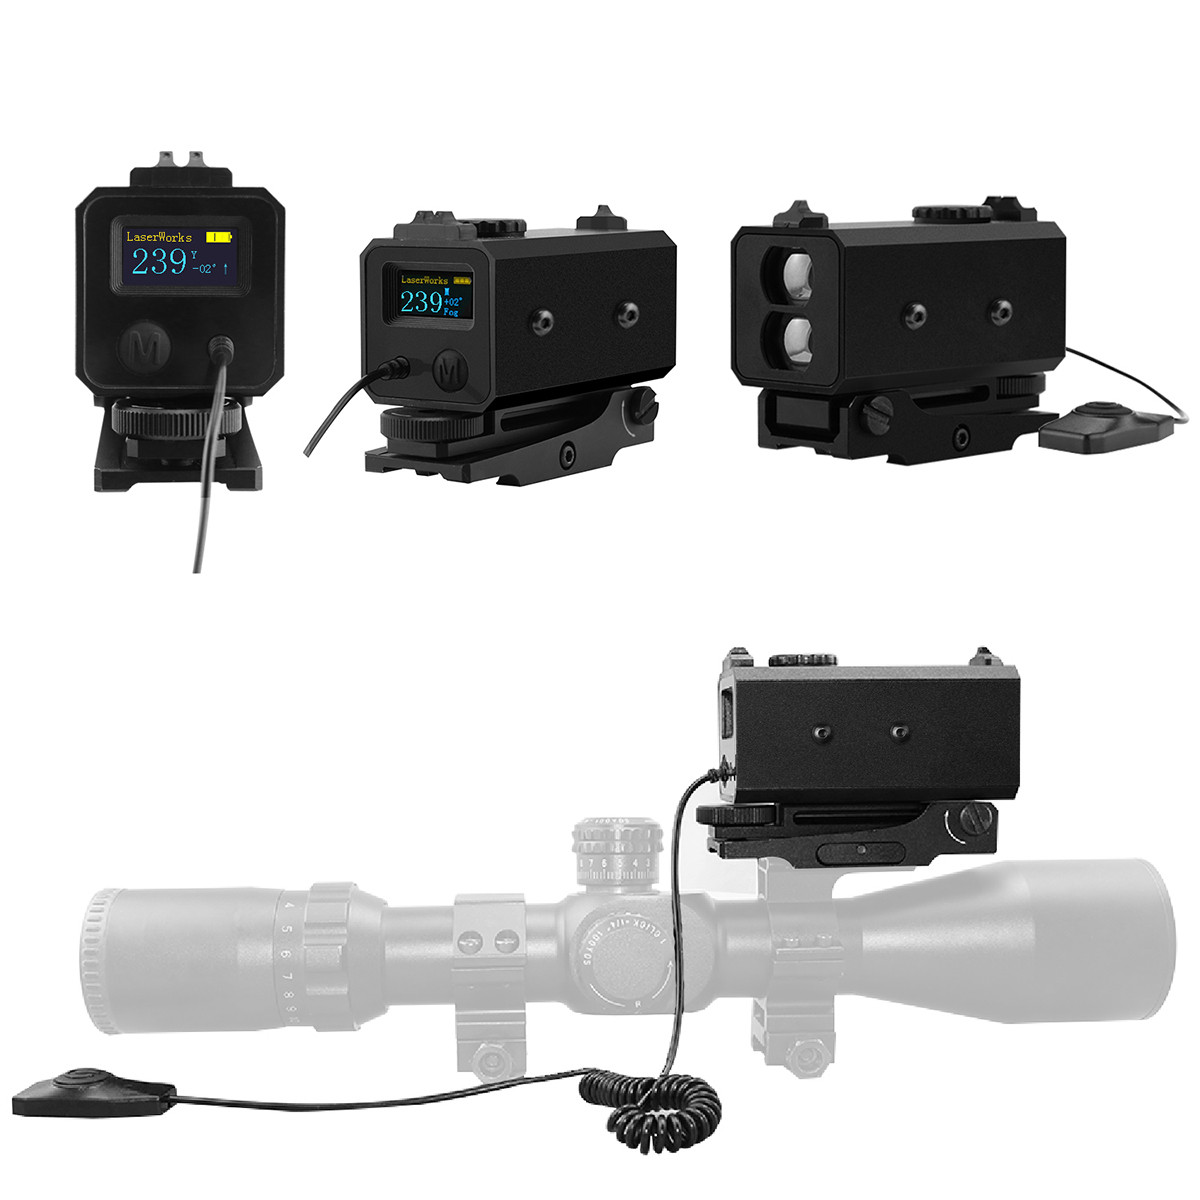 Hunting Range Finder Laserworks LE-032 1